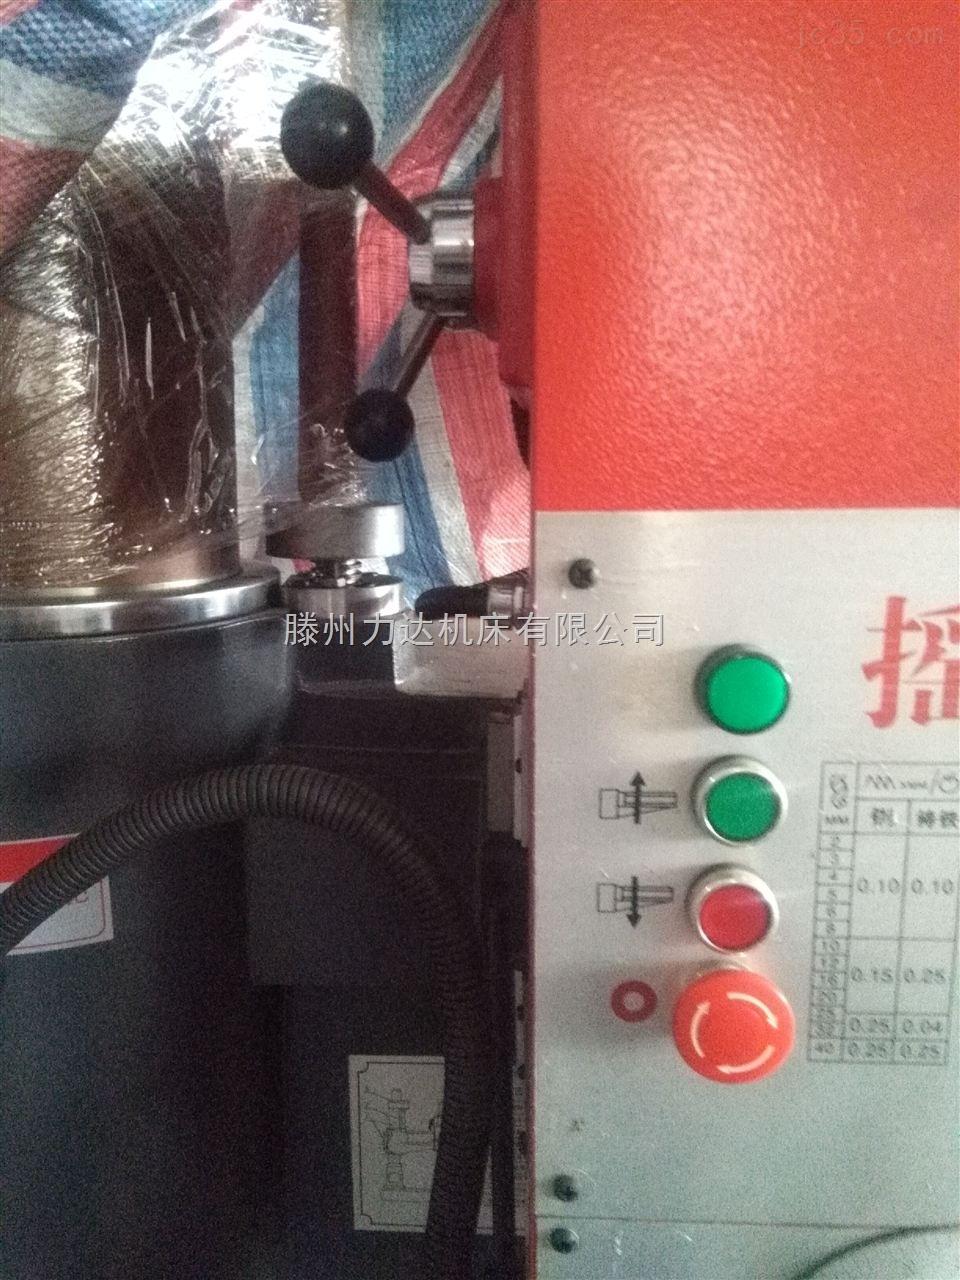 双立柱40摇臂钻Z3040x13双立柱低速加长主轴加强型定购火爆